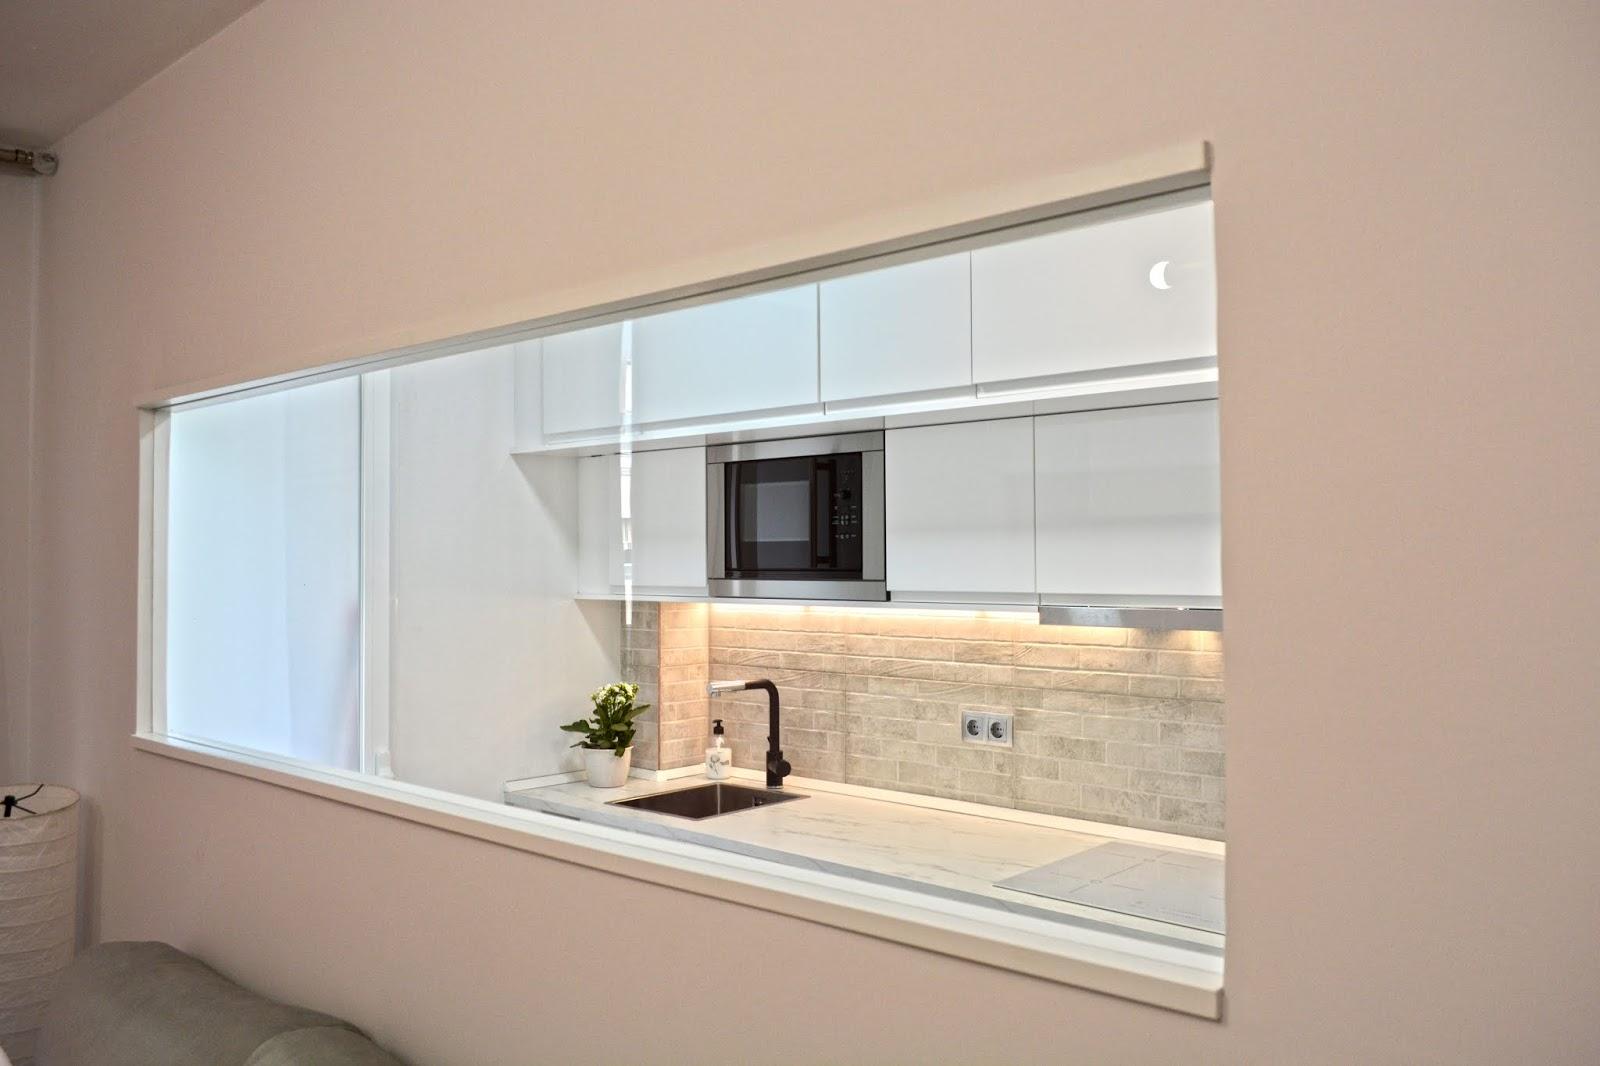 Comunicar cocina y salón sin abrir el espacio